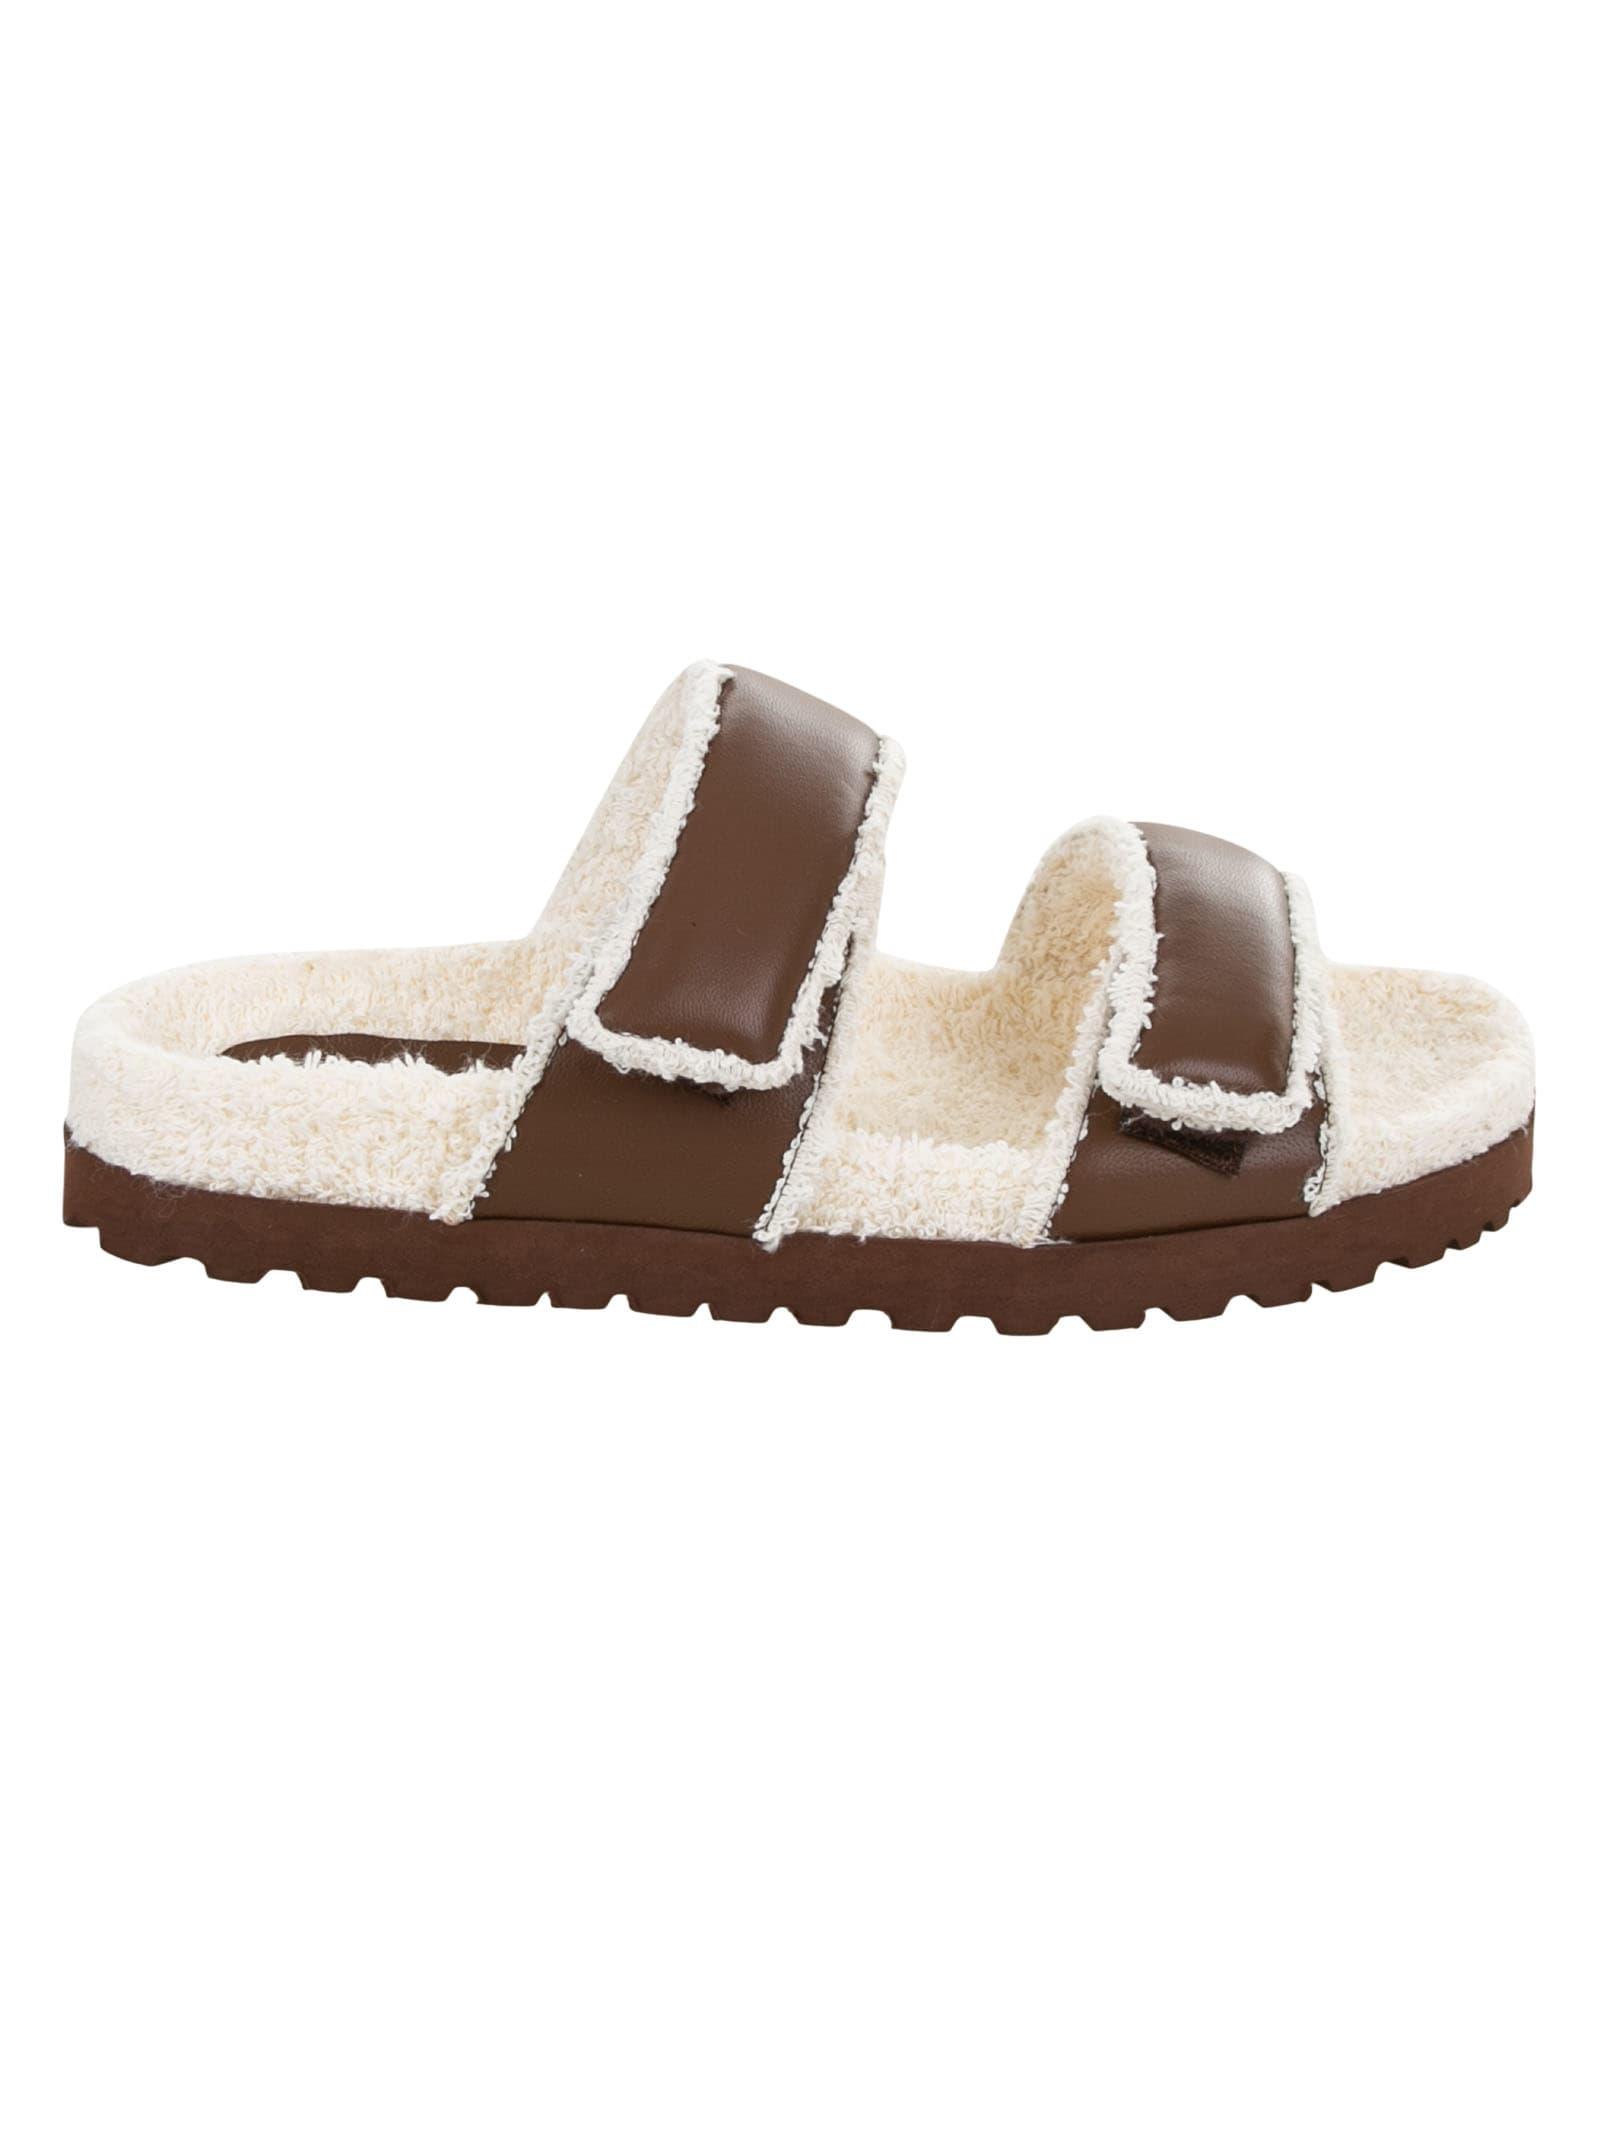 Perni 11 Sandals